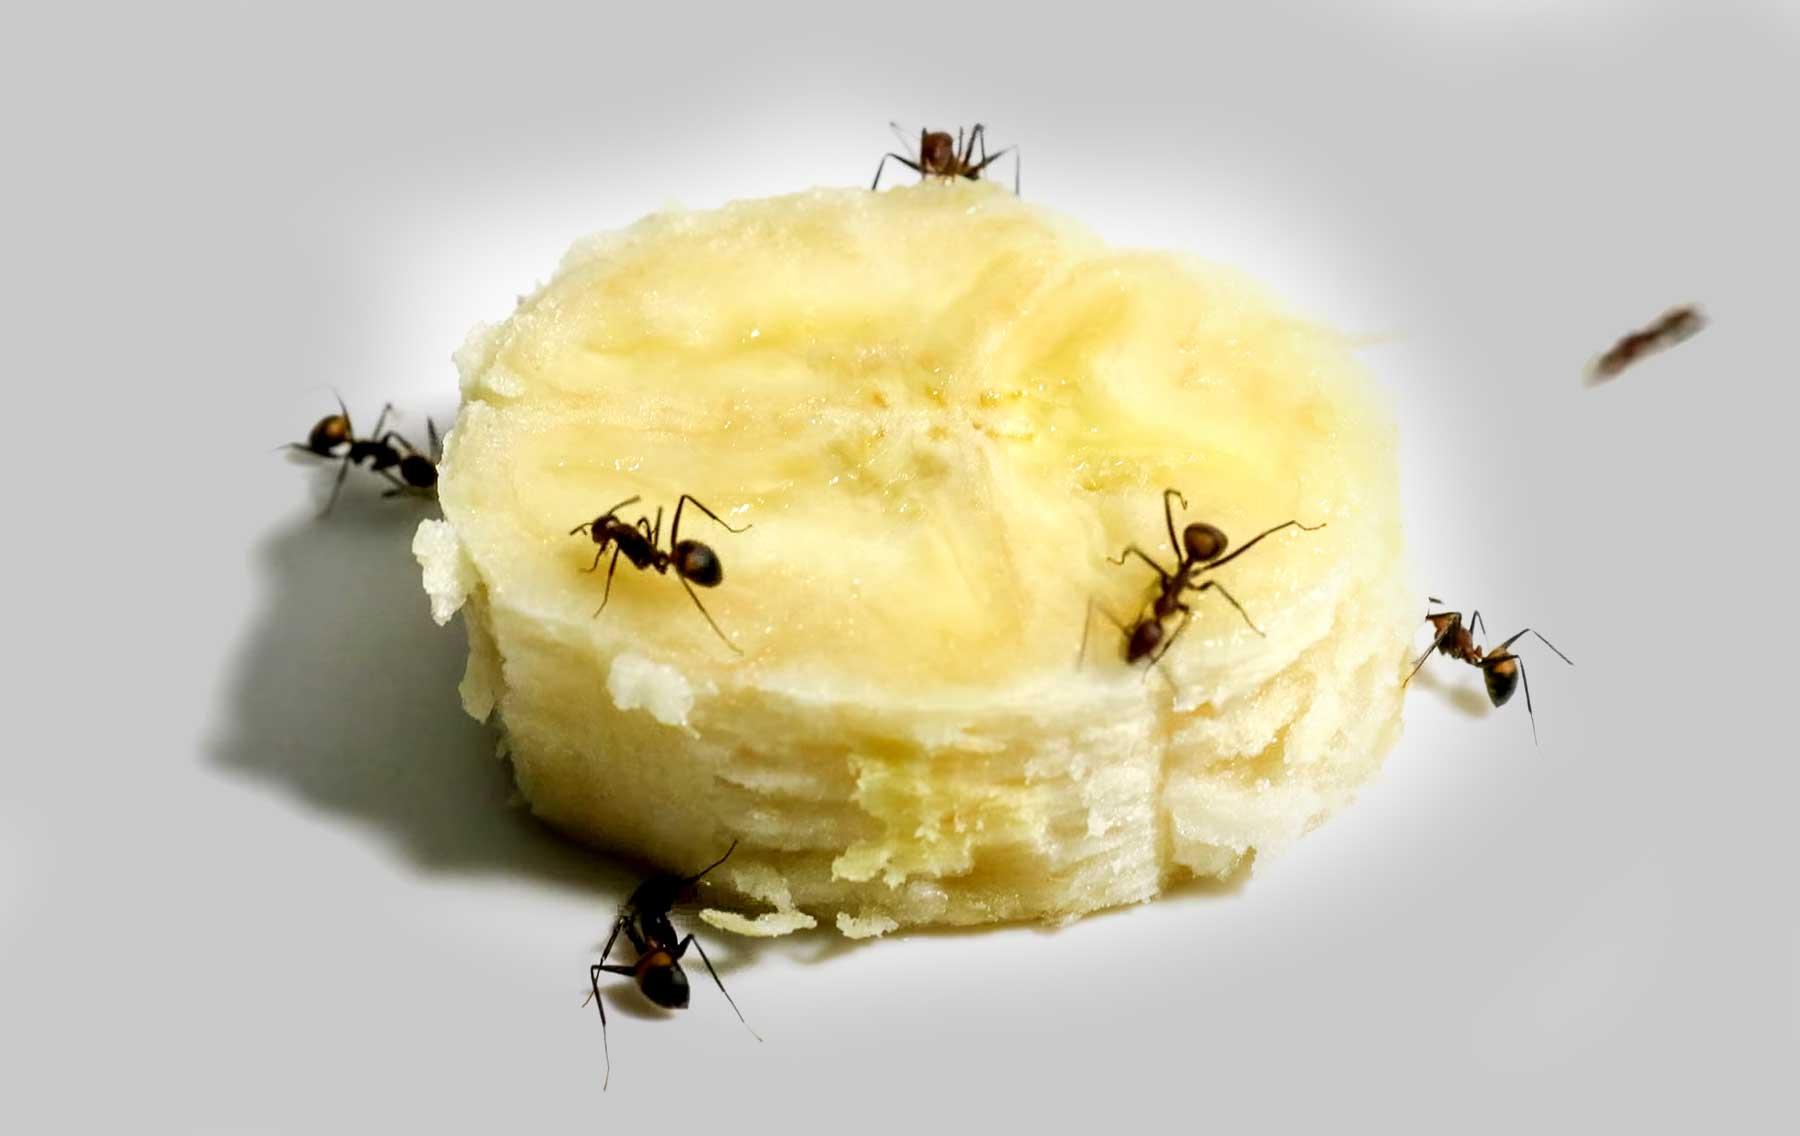 Timelapse: Ameisen essen eine Bananenscheibe